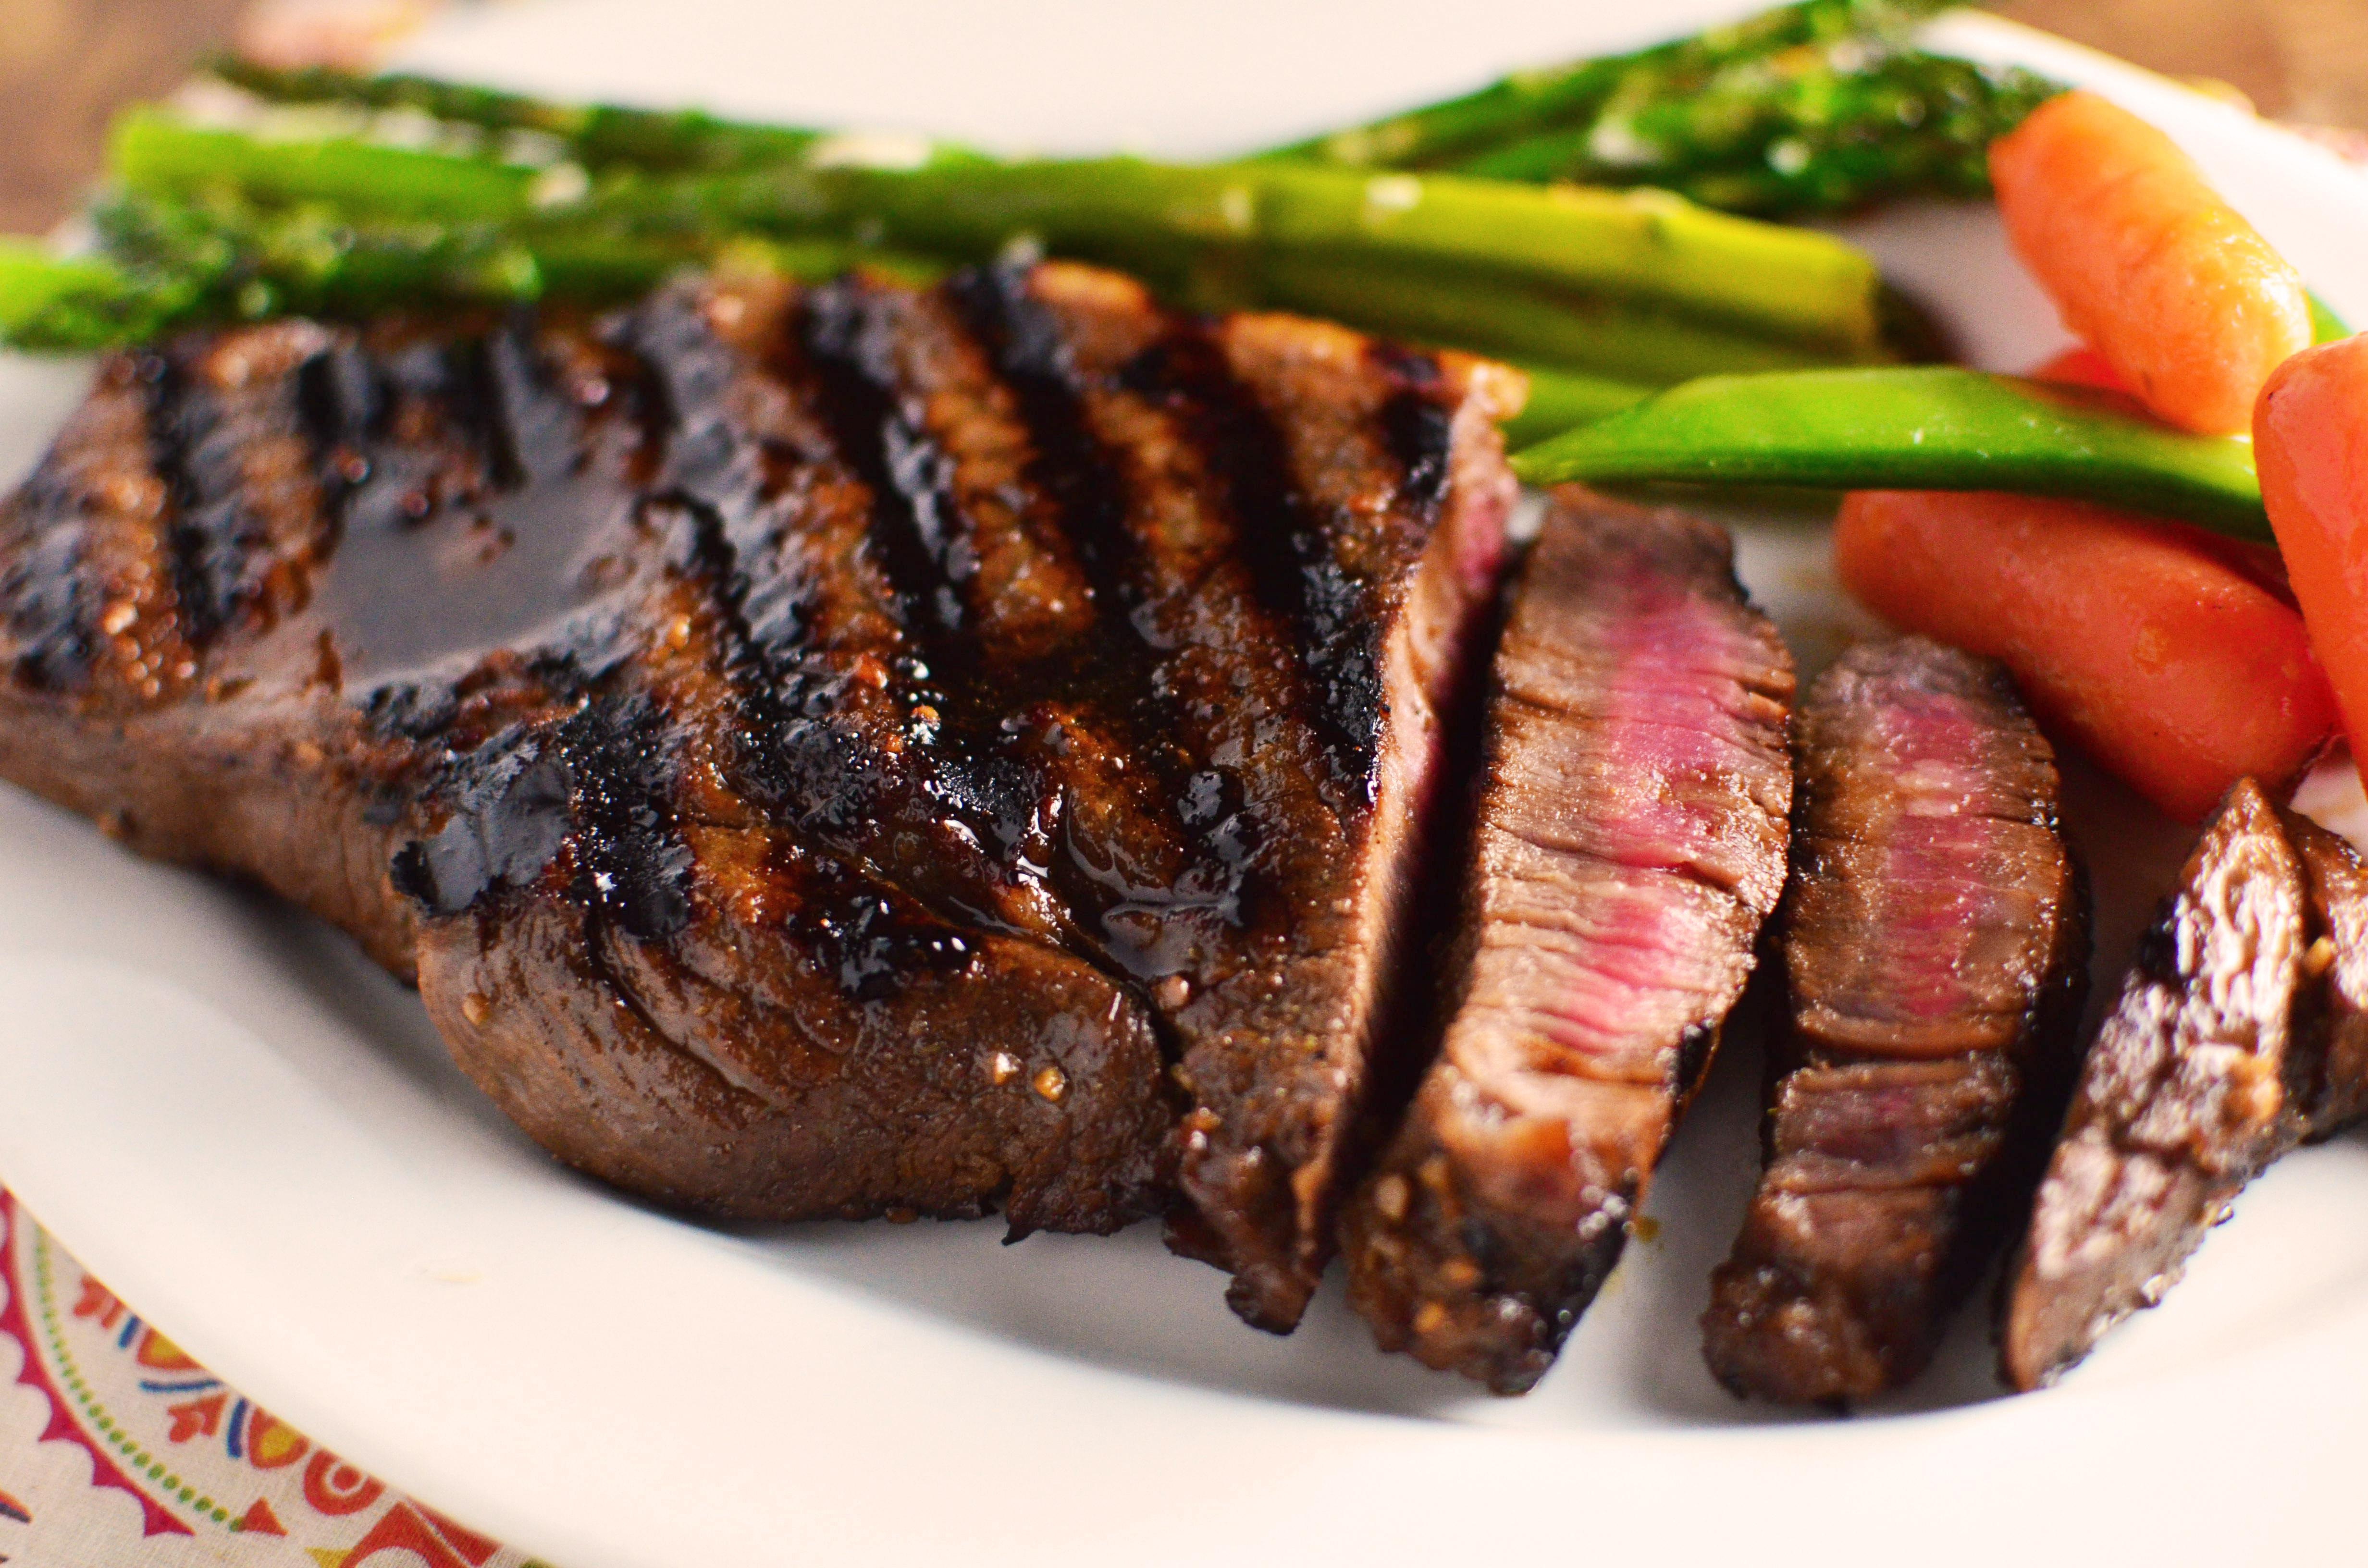 Teriyaki Marinated Steak - Simple, Sweet & Savory